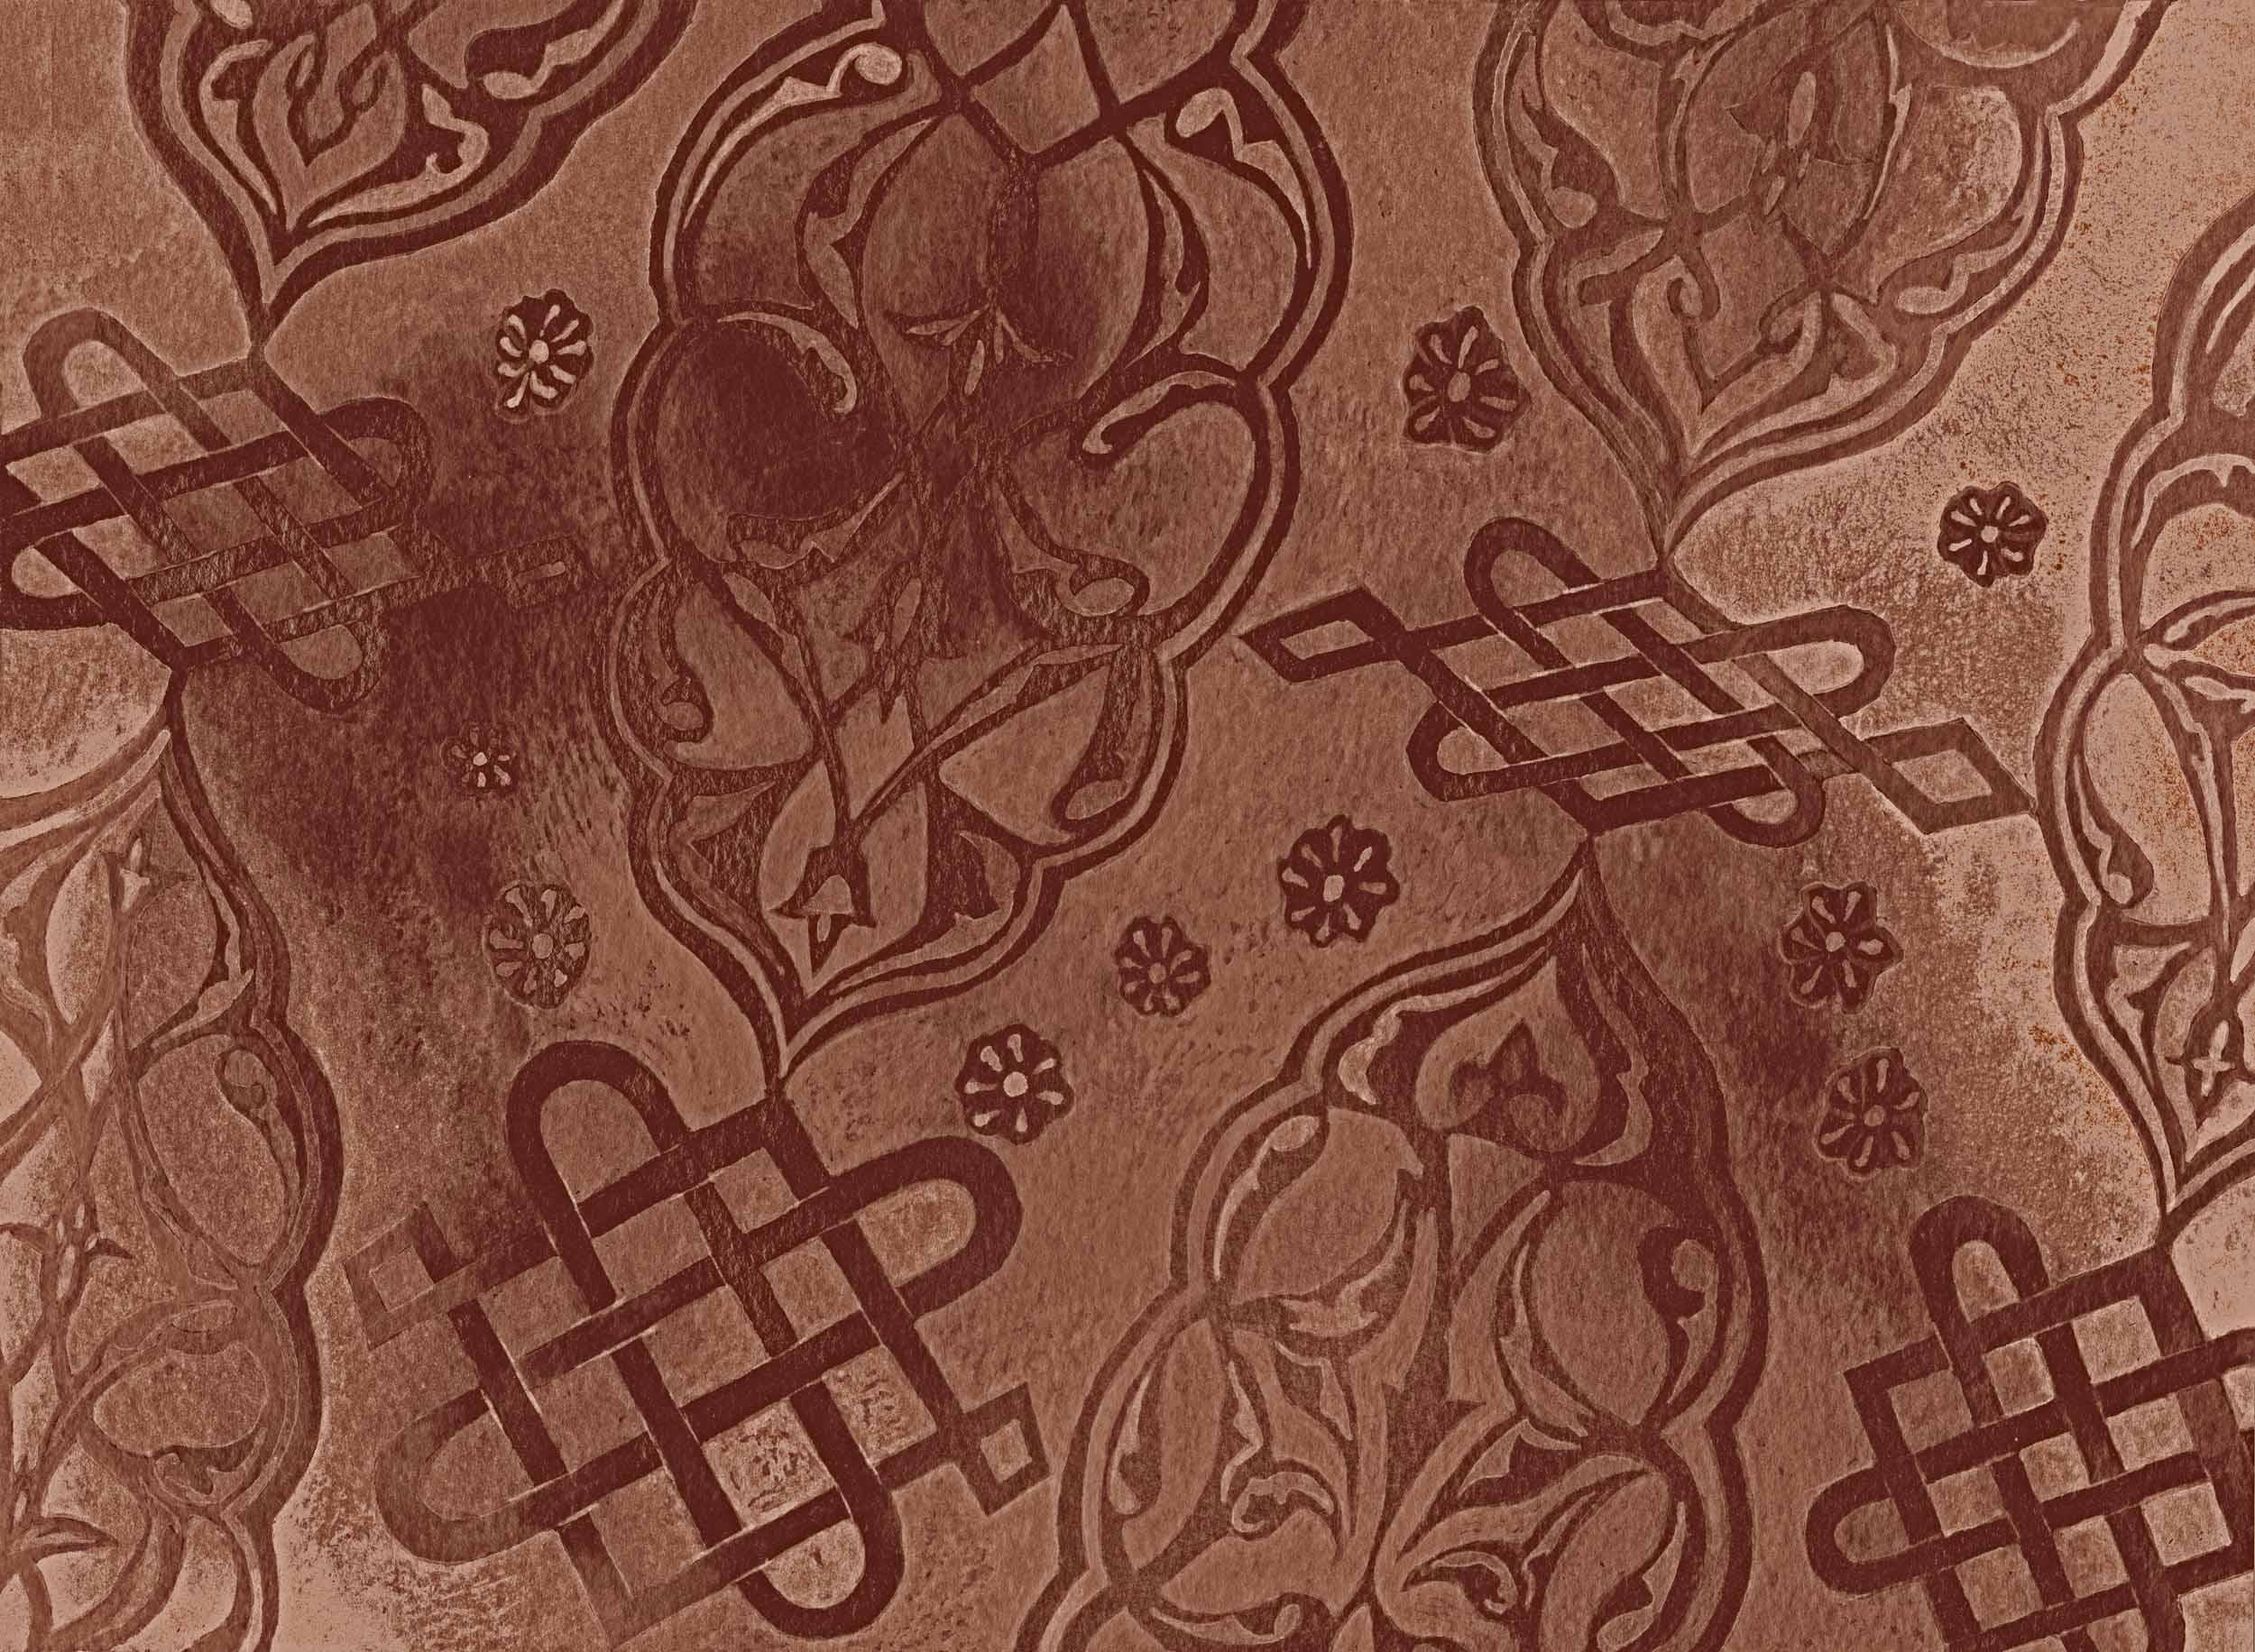 turkishpattern copper web.jpg